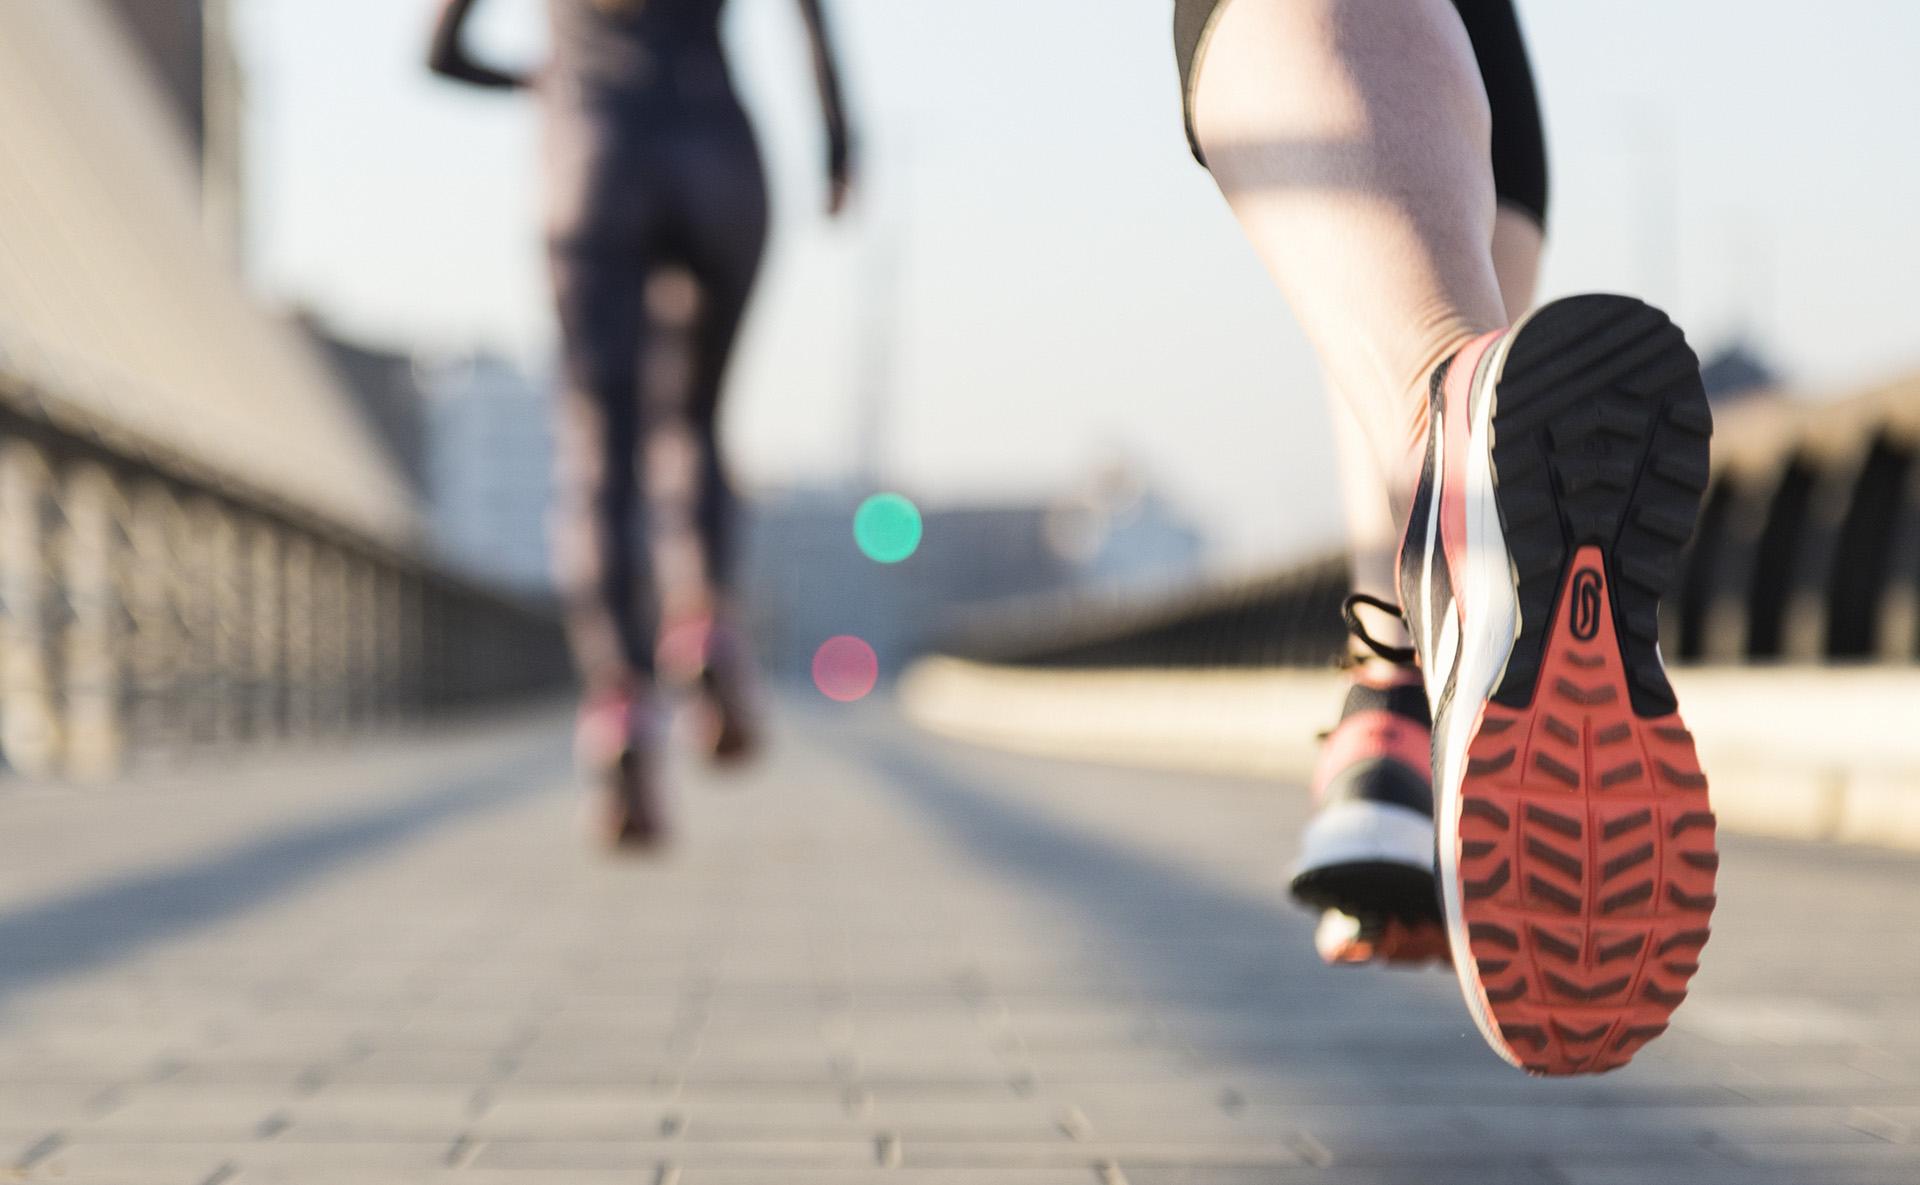 Zoom femme running